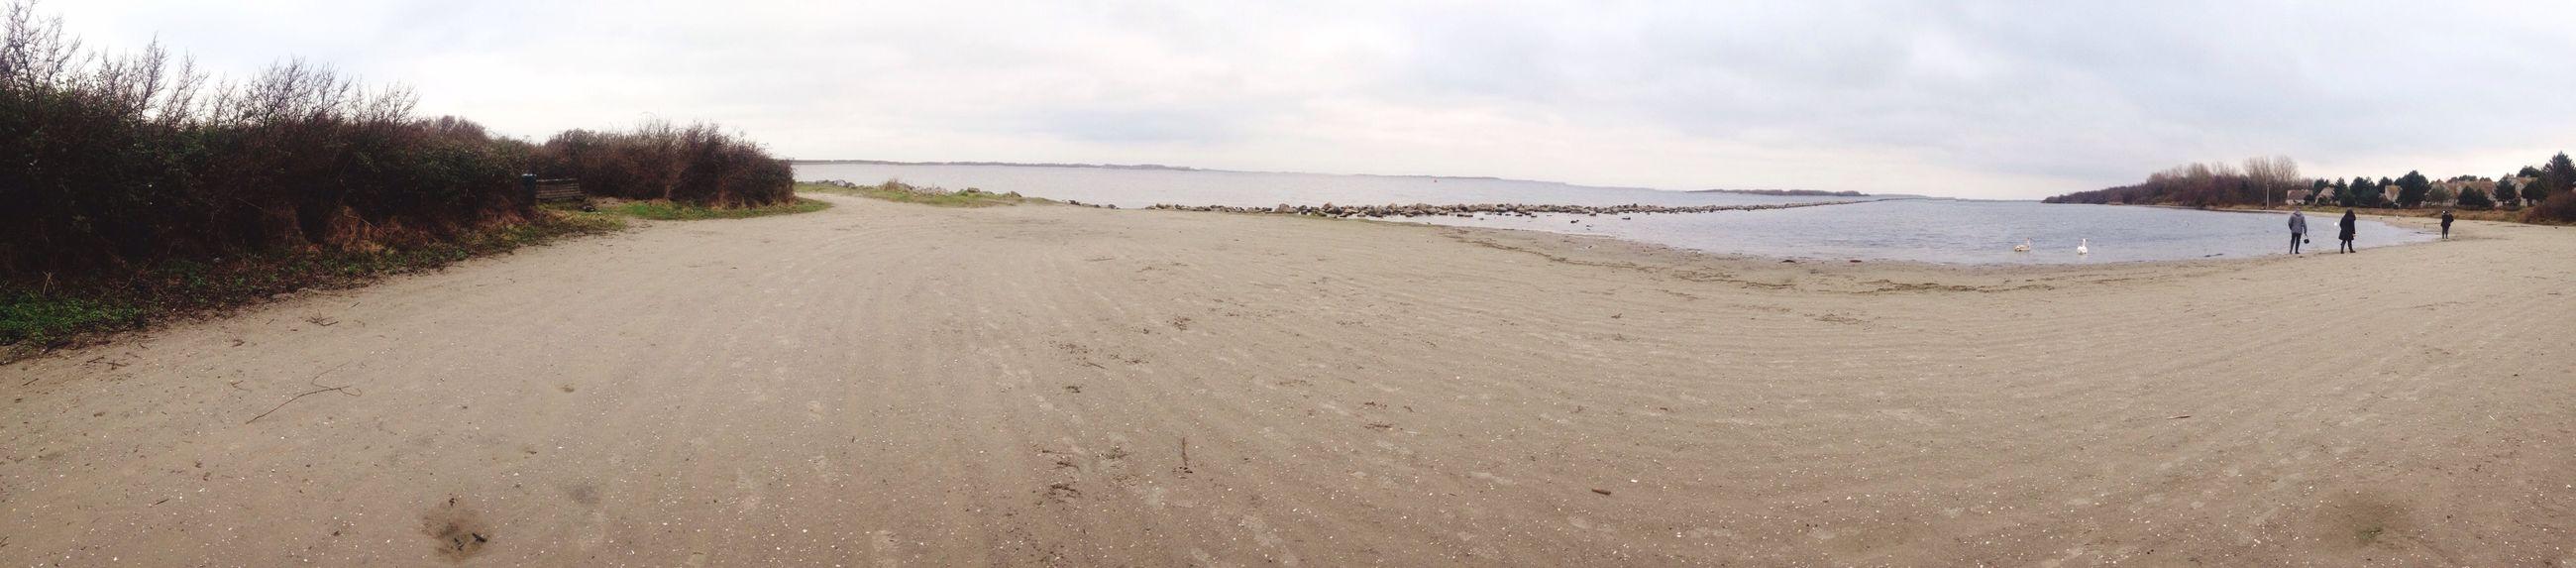 Einfach So :) Urlaub Nature Strand